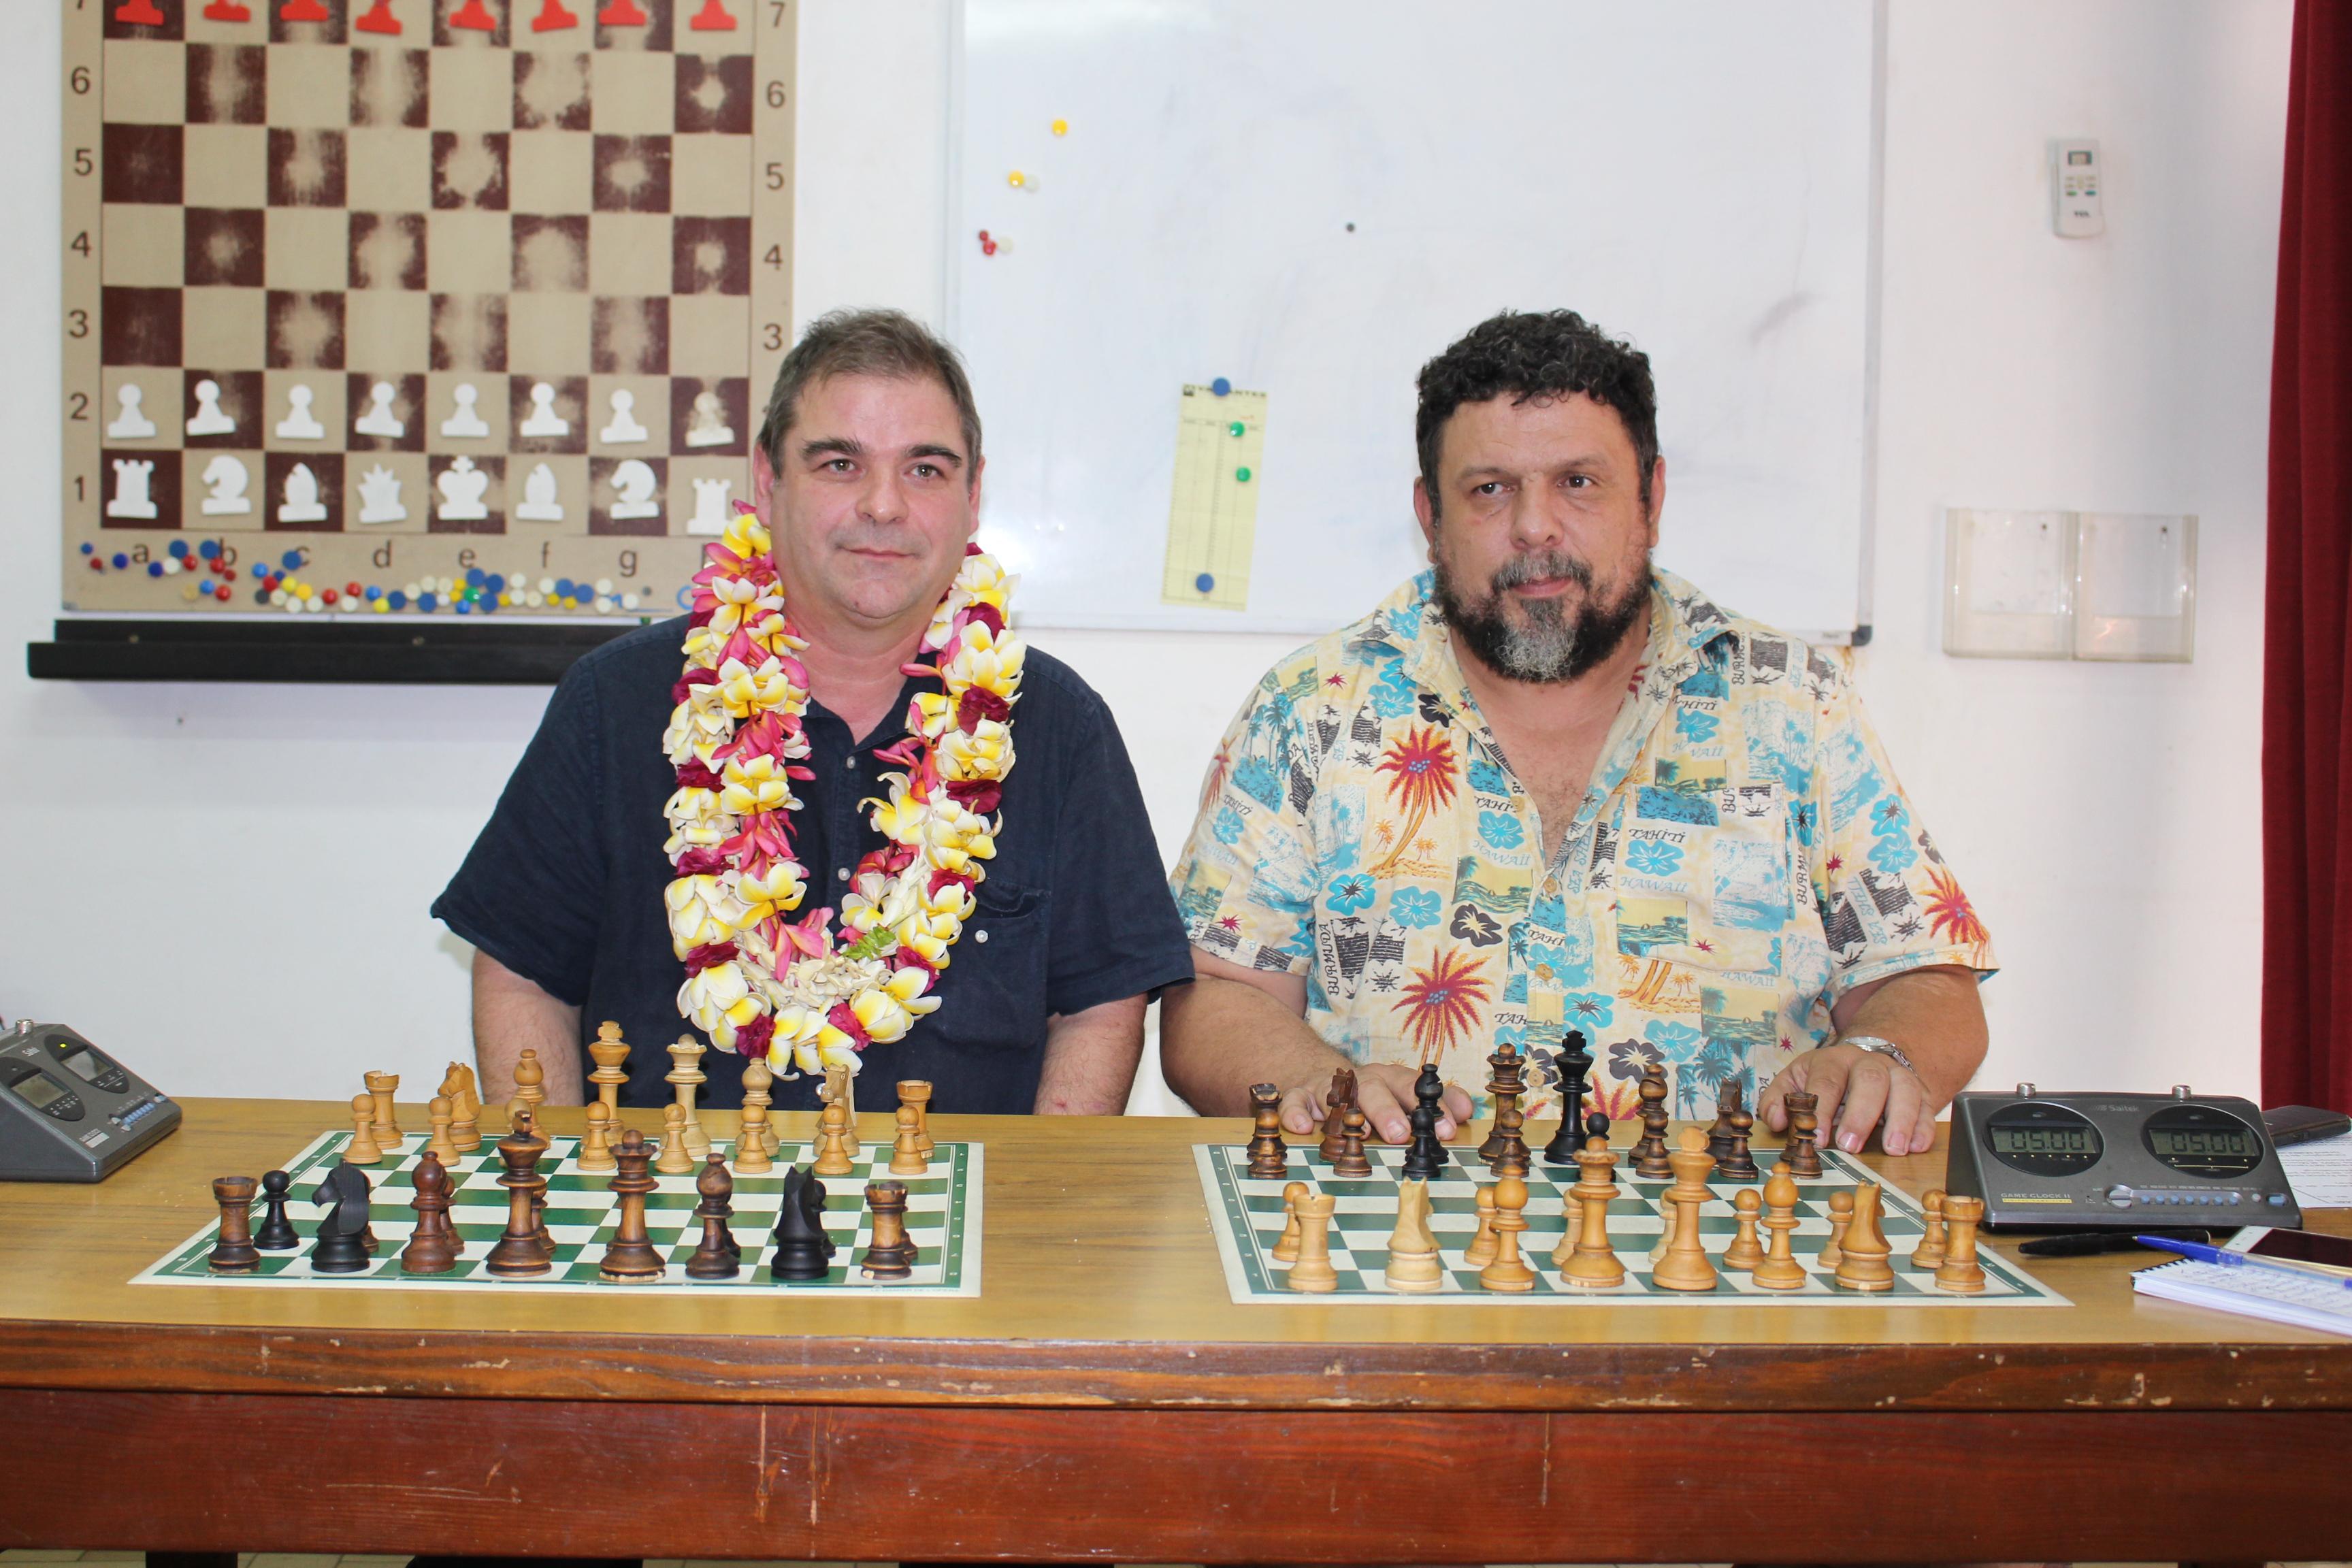 : Emmanuel Bricard, grand maître international français du jeu d'échec et Jean-Pierre Cayrou, responsable du club local du jeu.